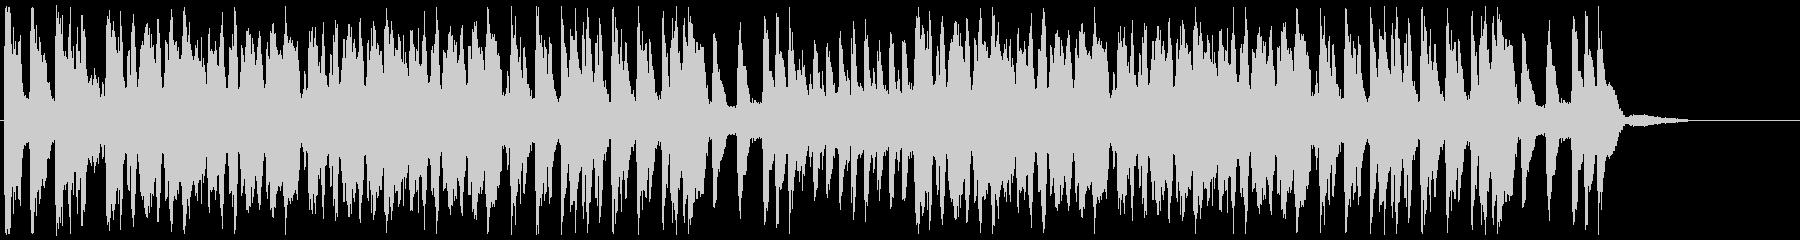 吹奏楽:応援マーチ(手拍子・声援あり)の未再生の波形